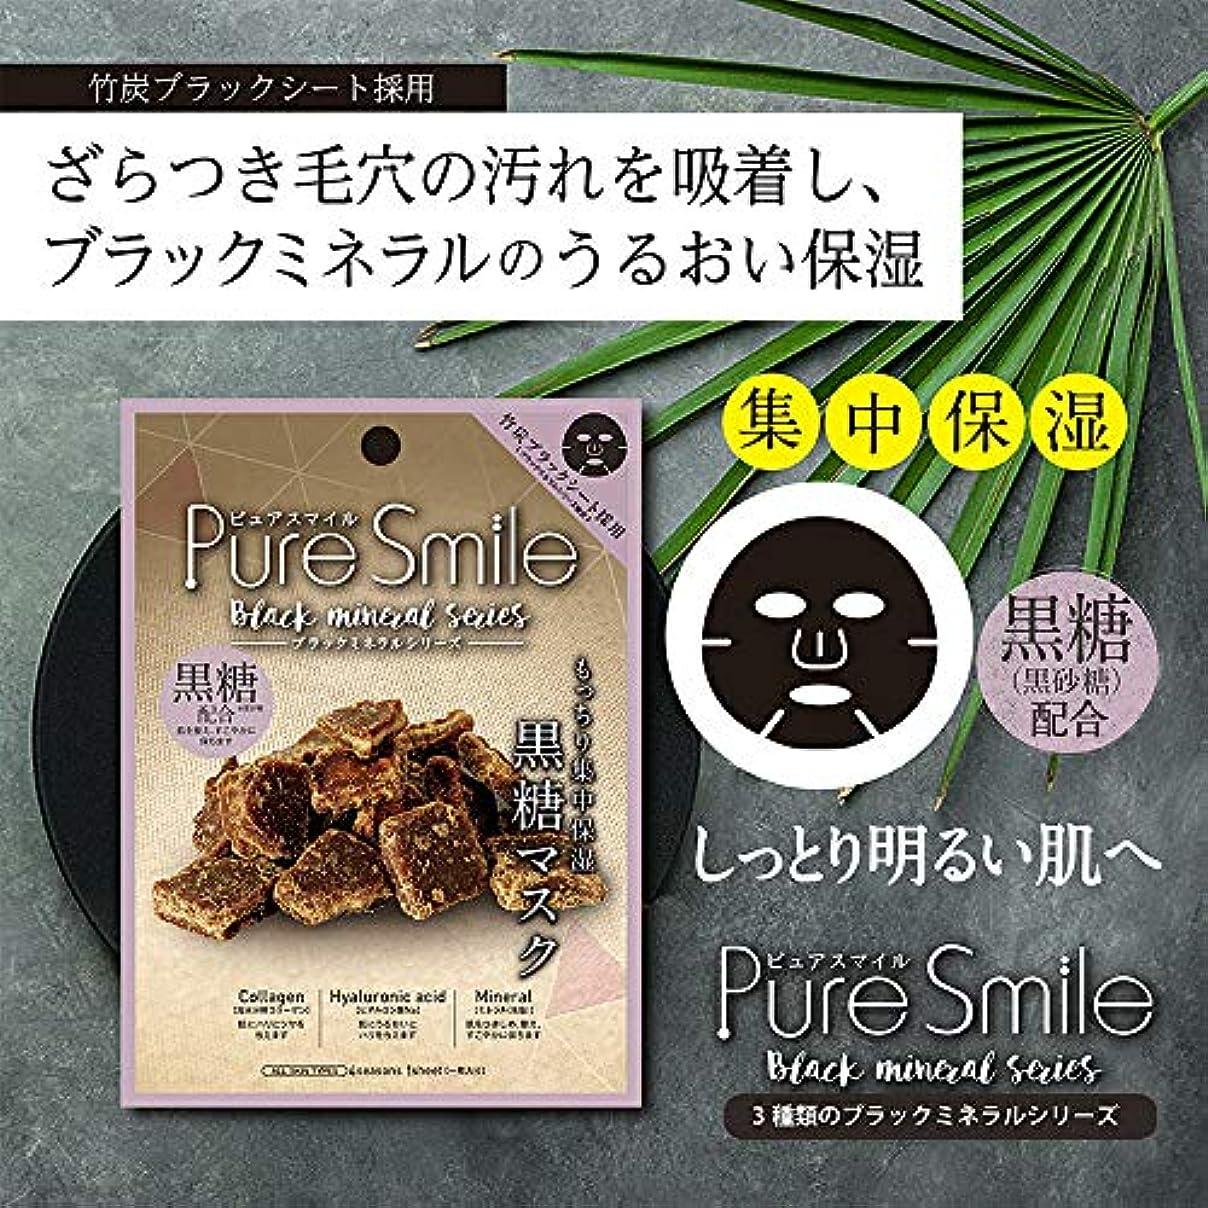 理論的密コンセンサスPure Smile(ピュアスマイル) エッセンスマスク 『ブラックミネラルシリーズ』 (黒糖) フェイスマスク パック